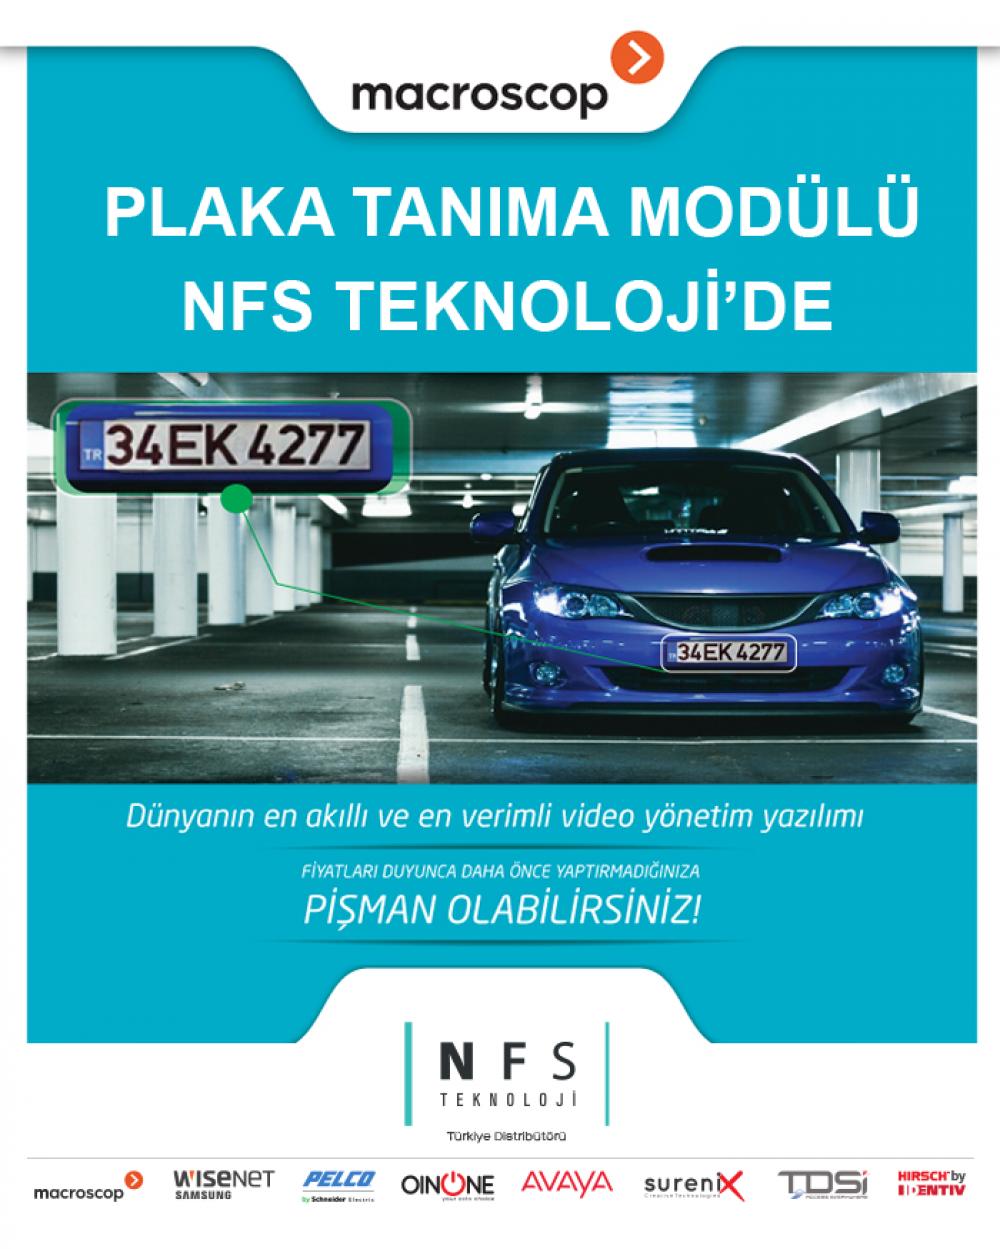 Plaka Tanıma Modülü NFS Teknoloji'de